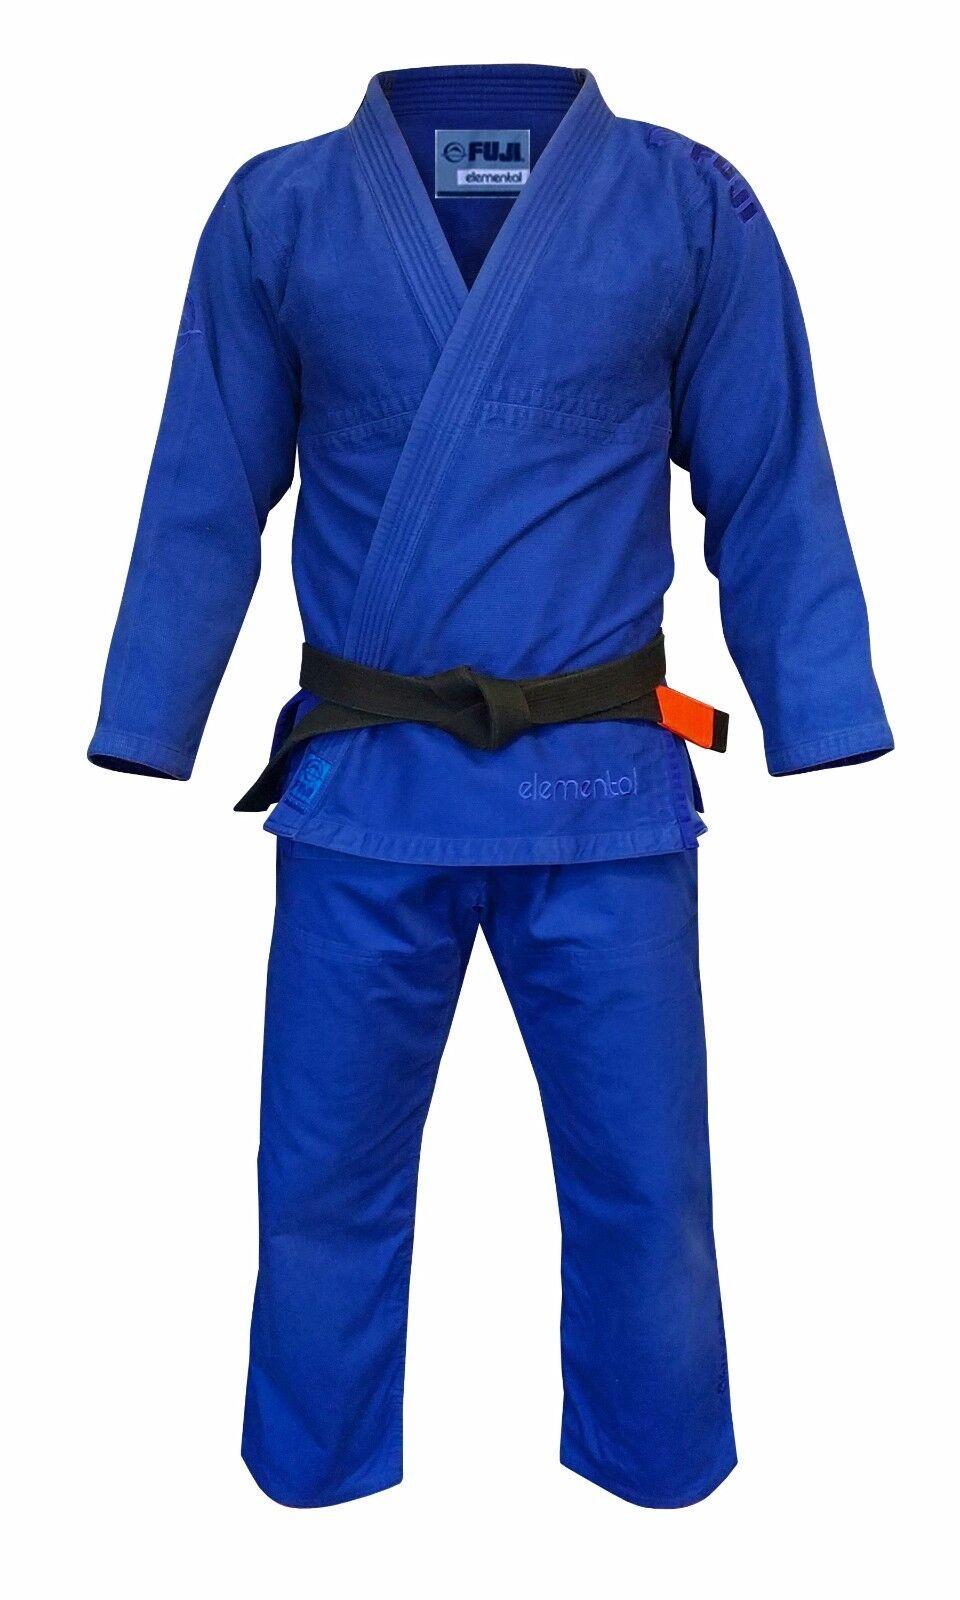 New Fuji Sports Elemental Mens Brazilian Jiu Jitsu Gi Jiu-Ji